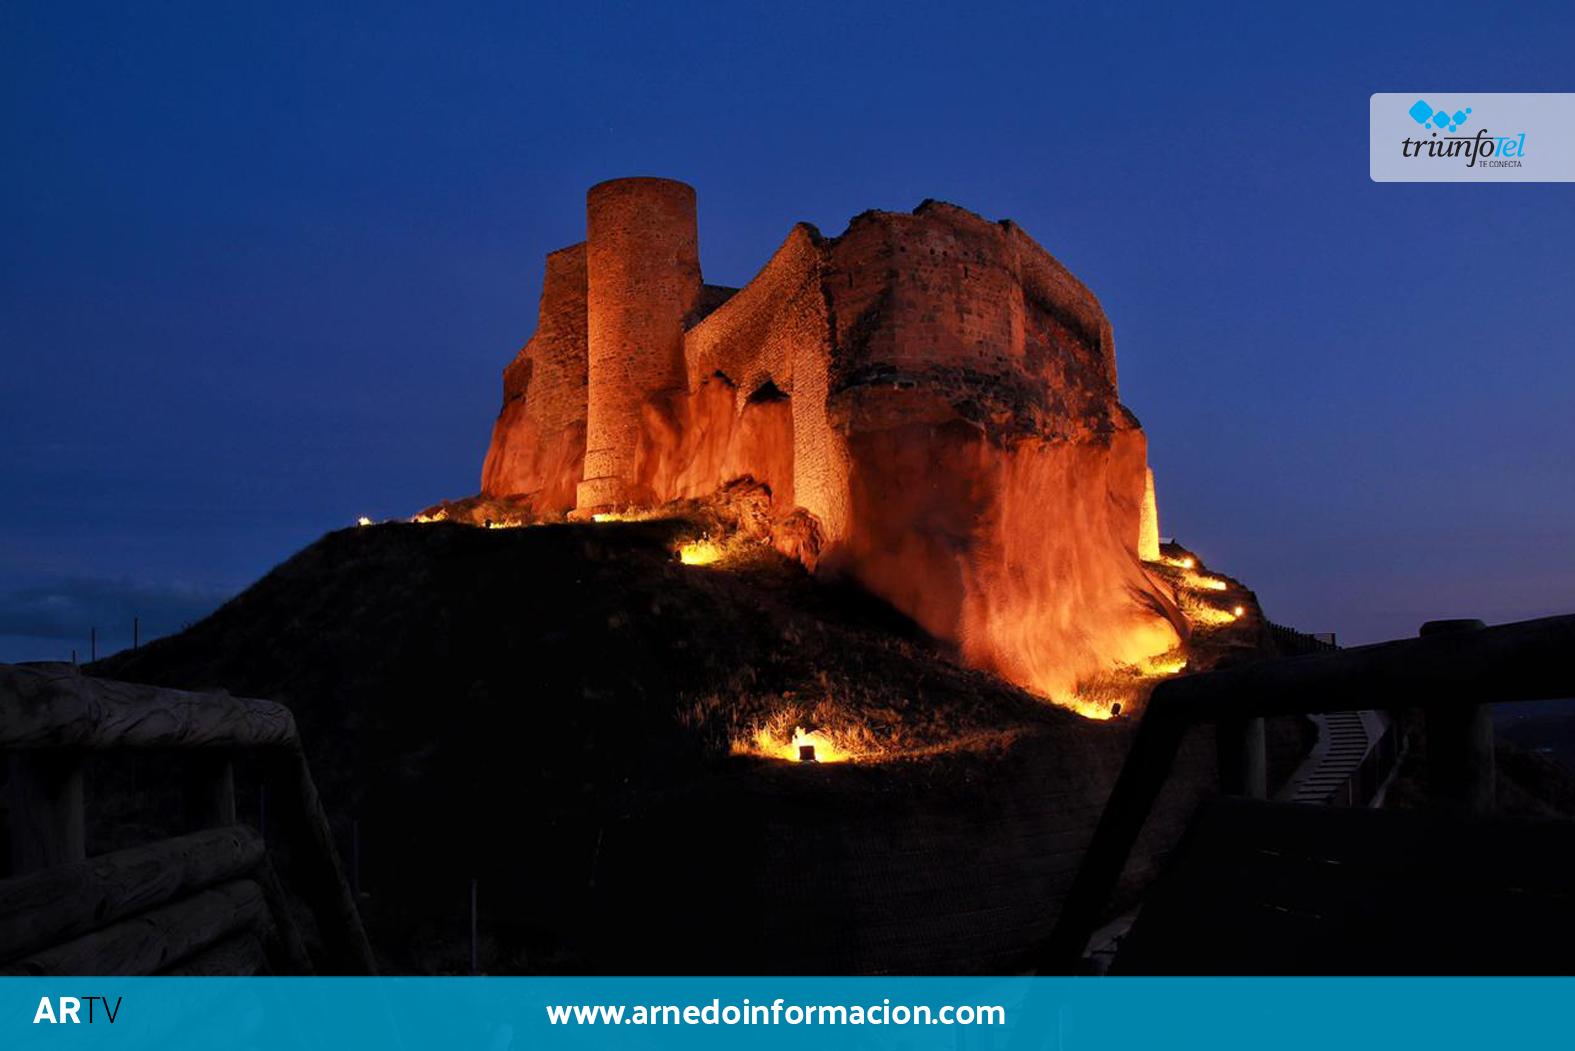 Castillo de Arnedo iluminado